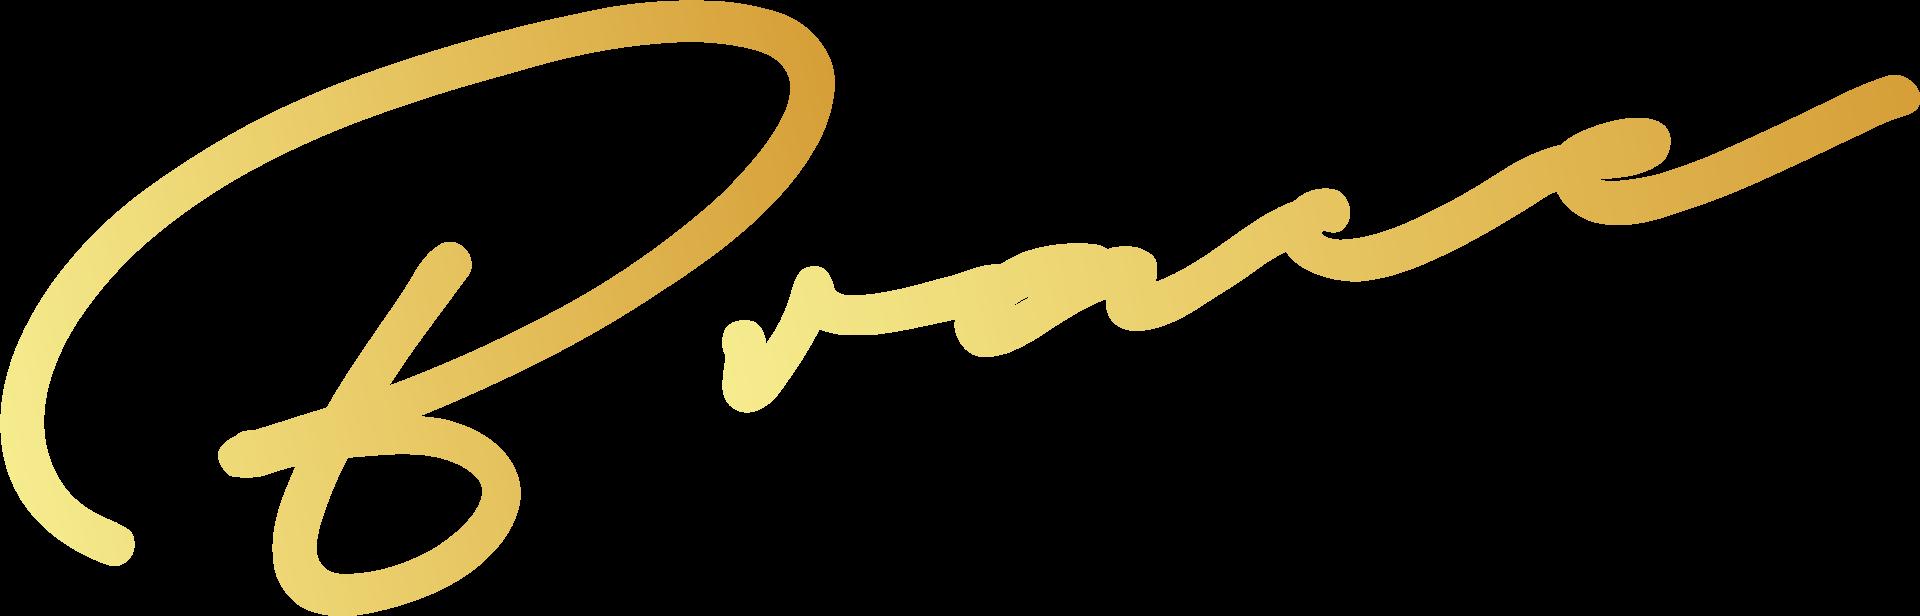 brace signature